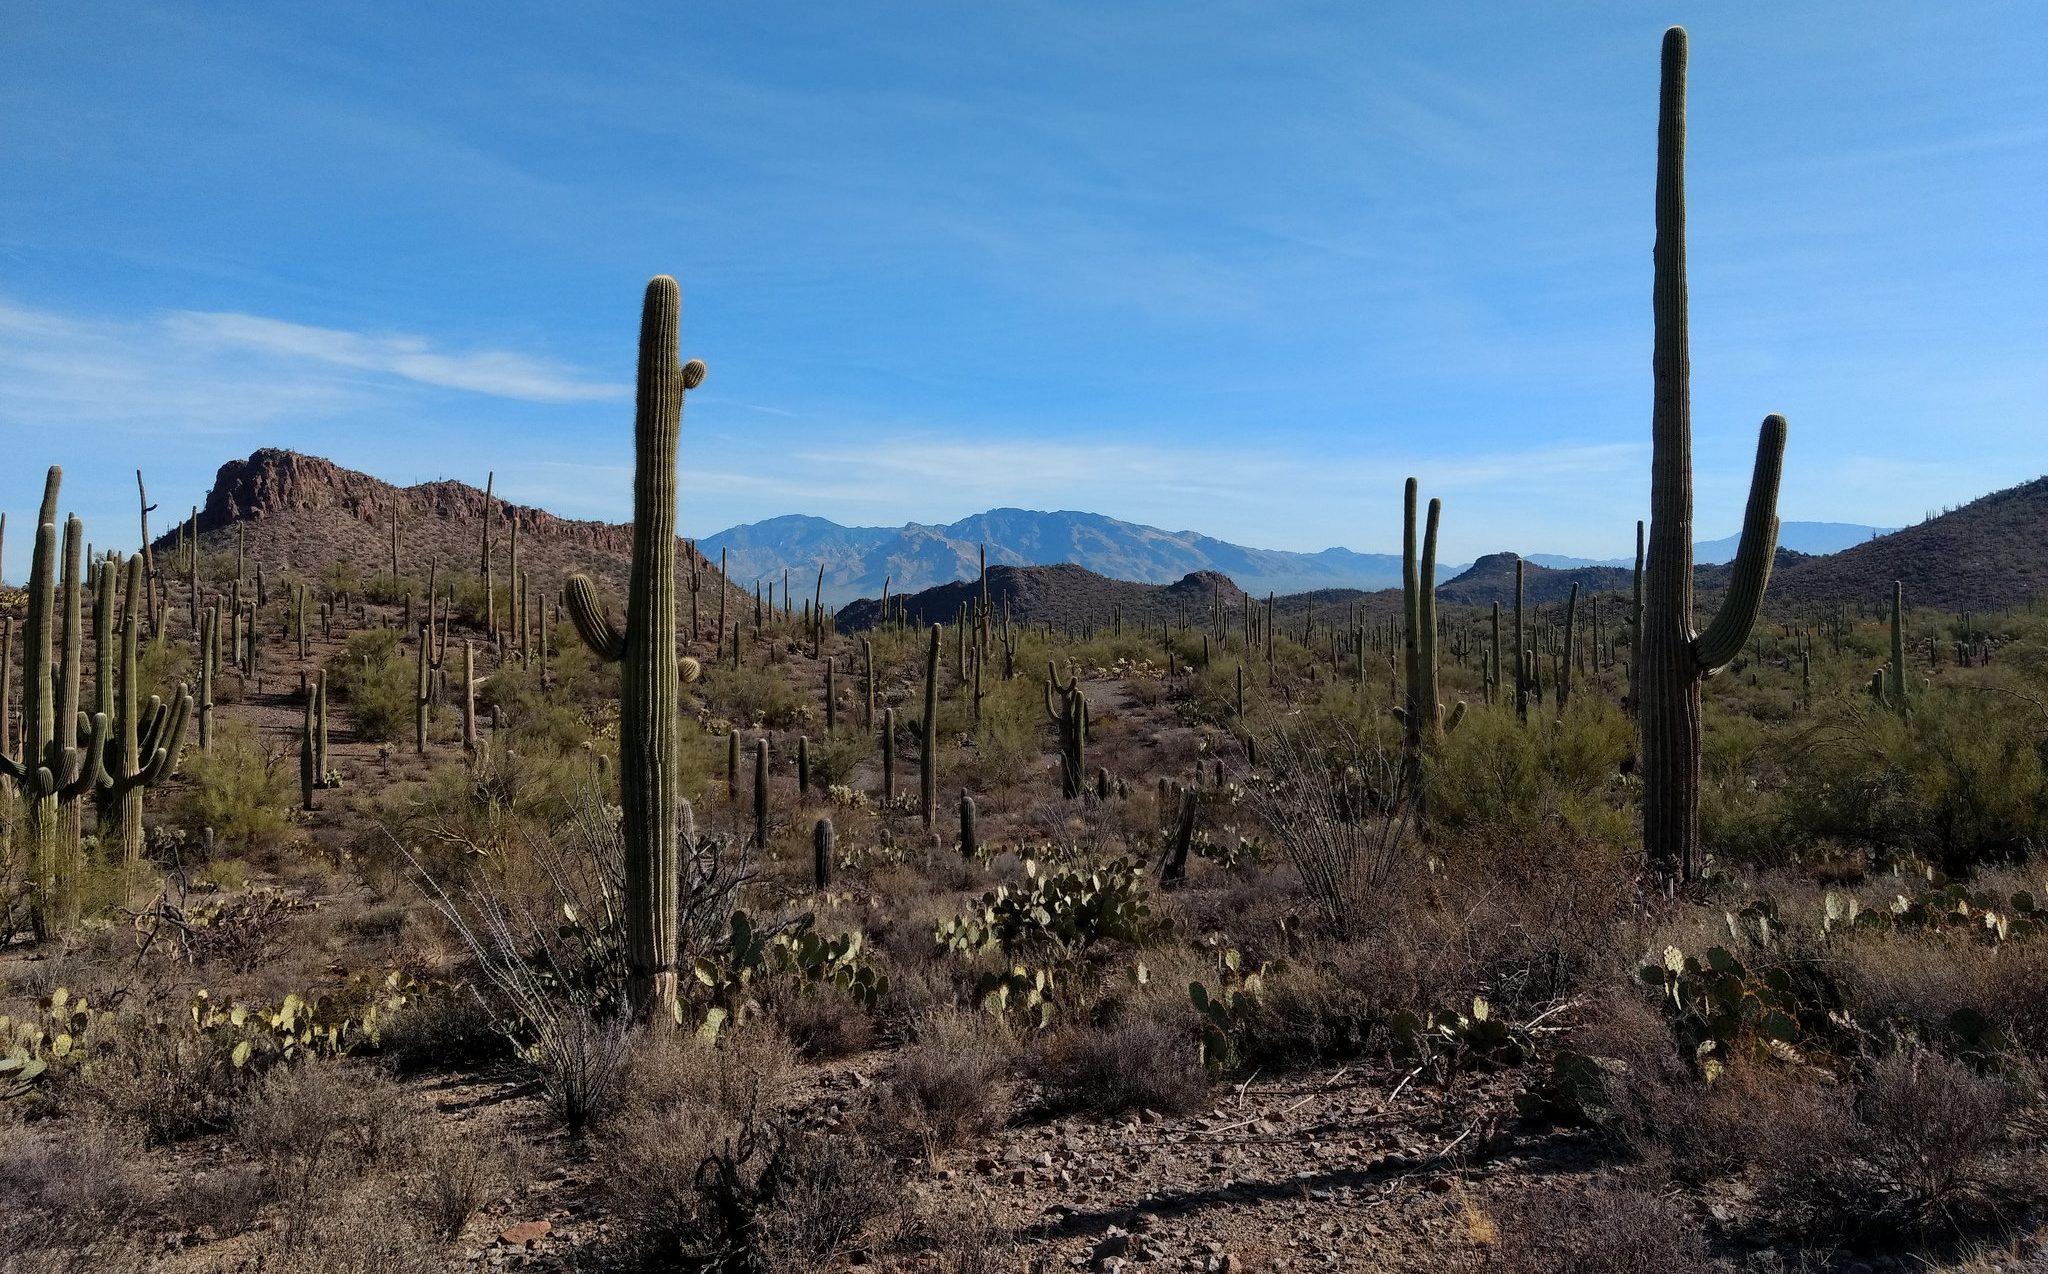 Tootin' Tucson